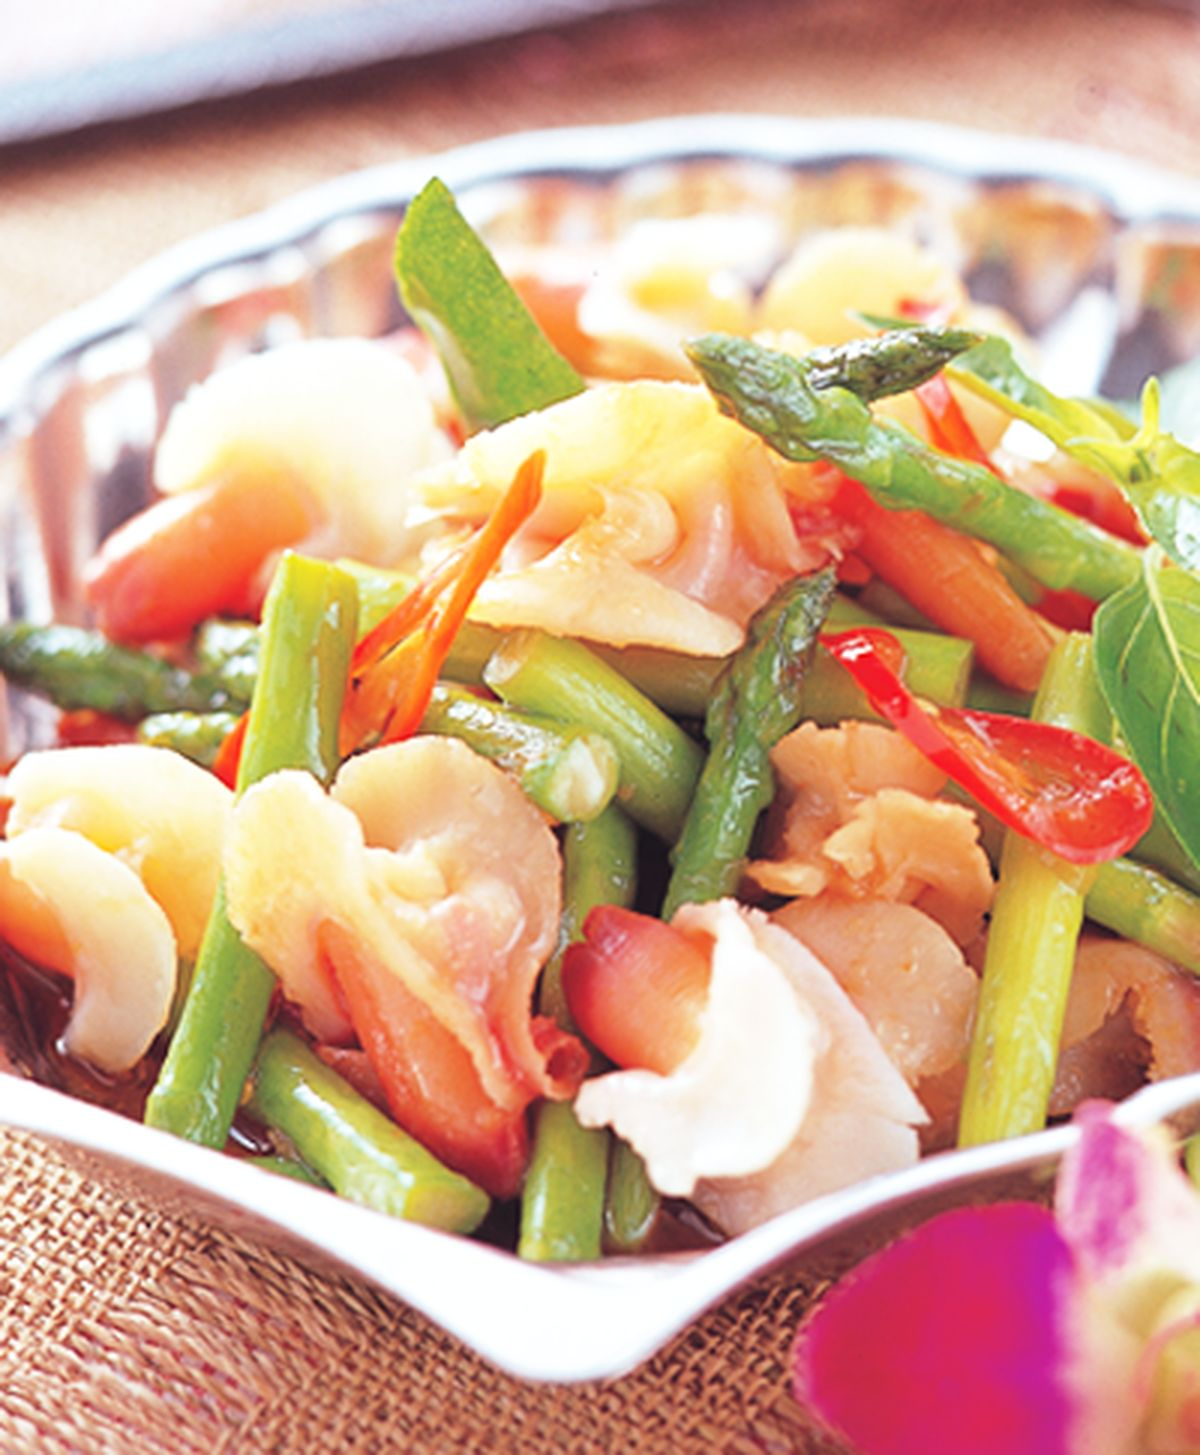 食譜:辣炒蘭花蚌